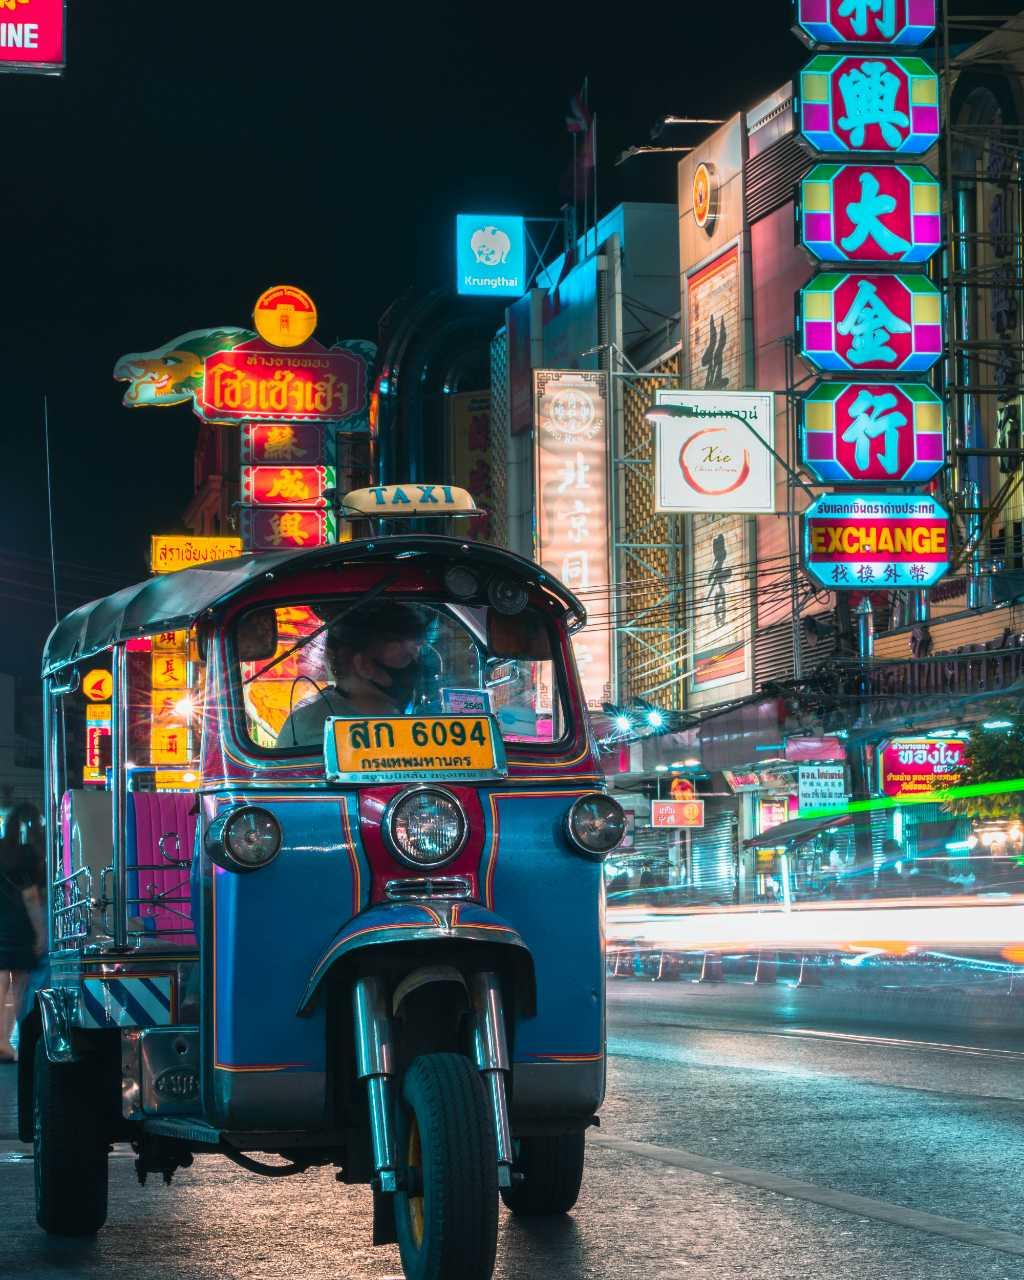 Tuk Tuk in Chinatown, Bangkok